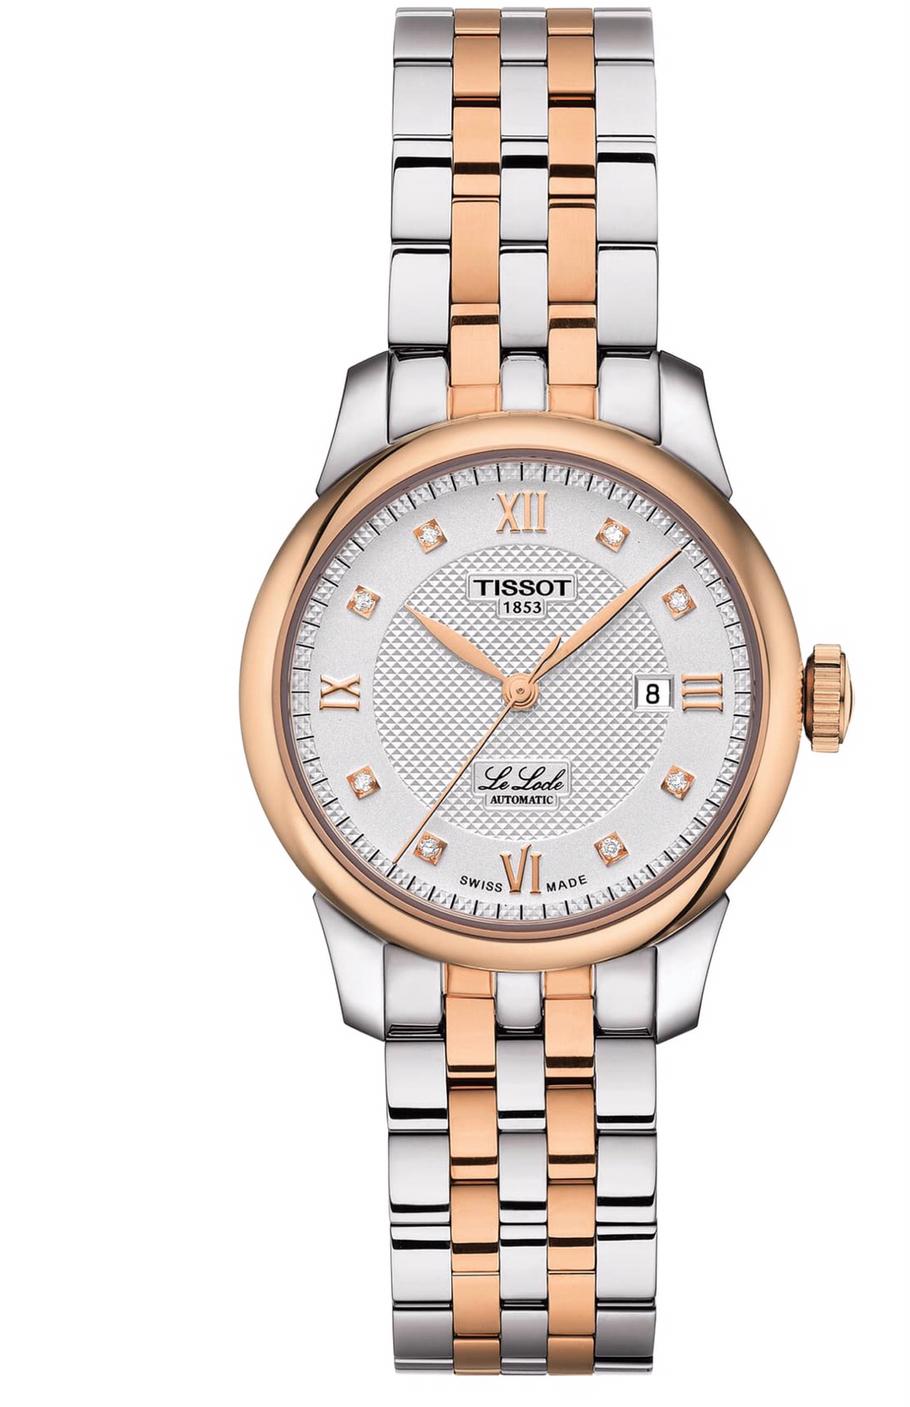 Tissot Le Locle automatic women's diamond bracelet watch 29mm $385